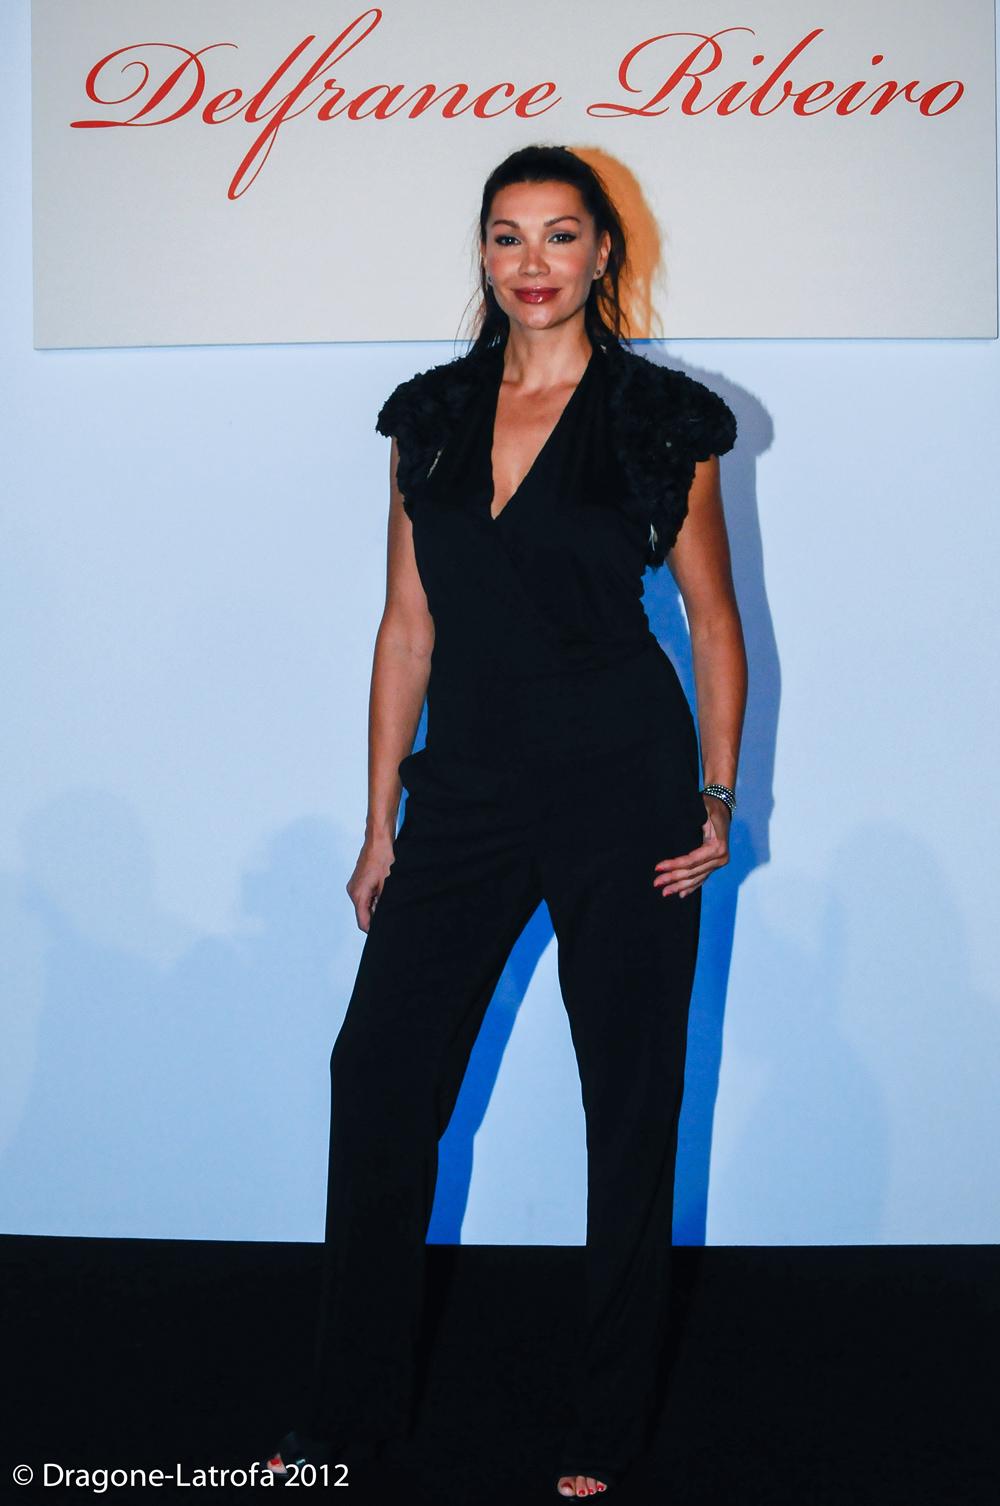 LuisaâCorna - Photo Actress